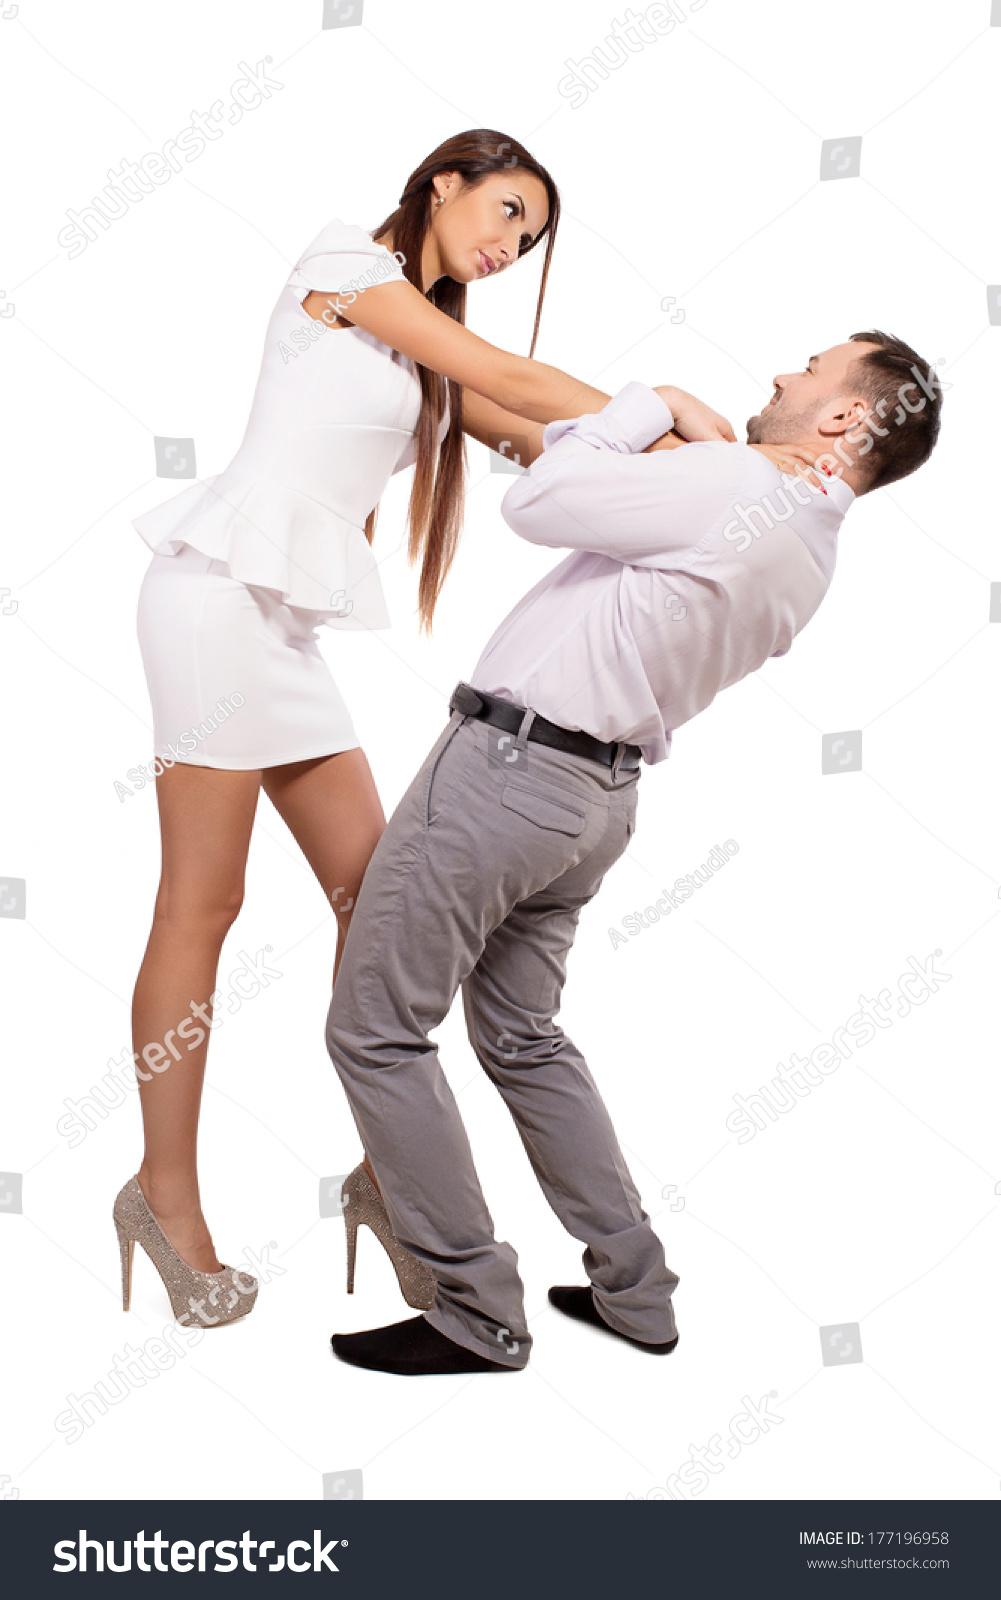 Female Dominates Man 36